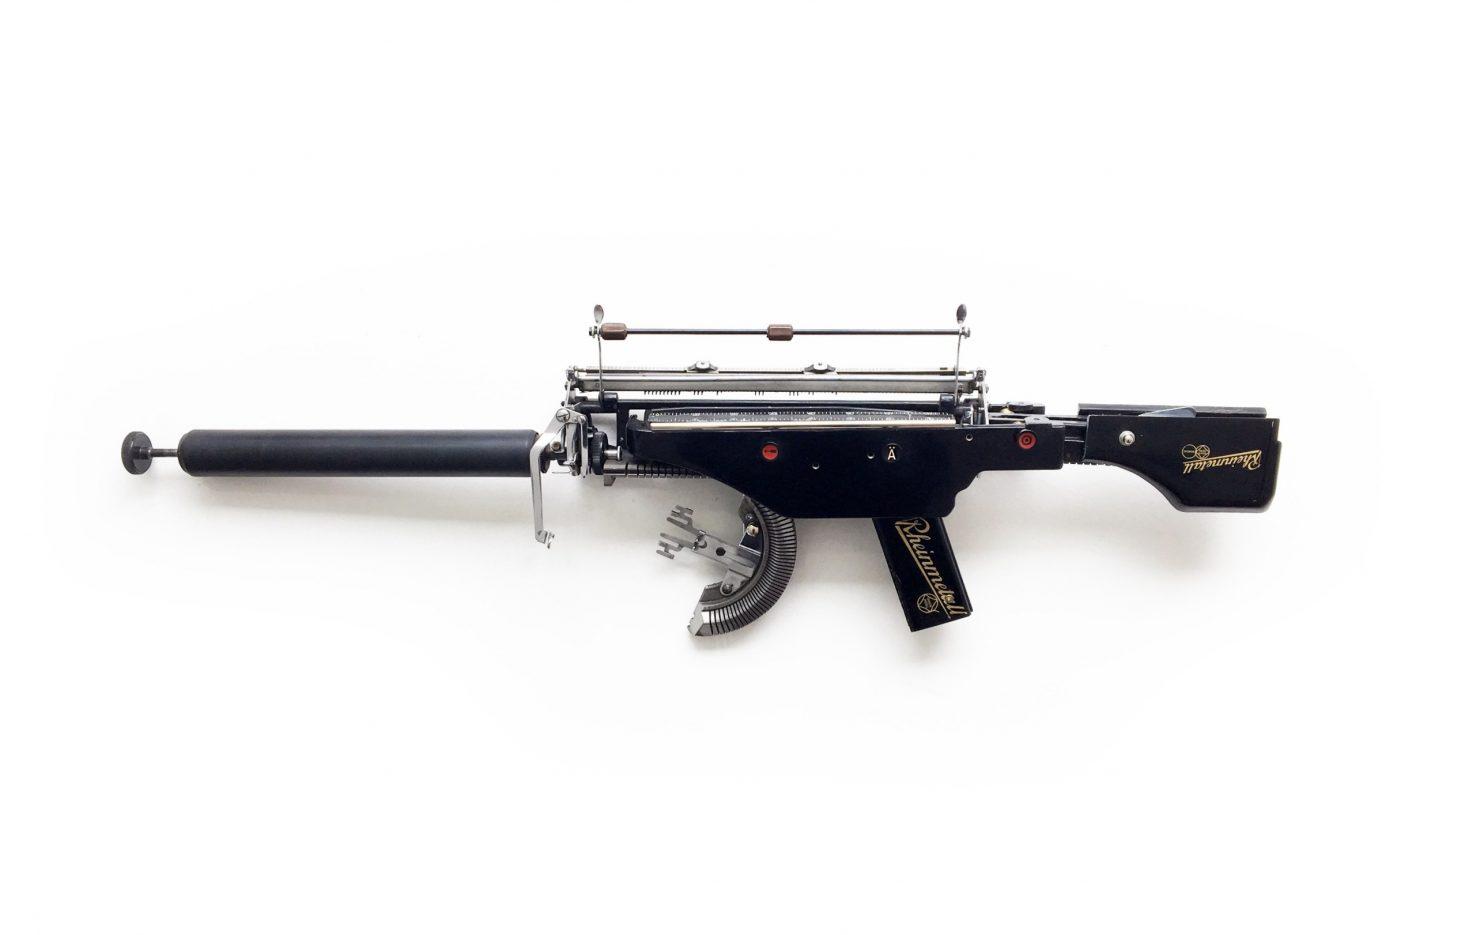 Typewriter Guns 3 1480x935 - Typewriter Guns